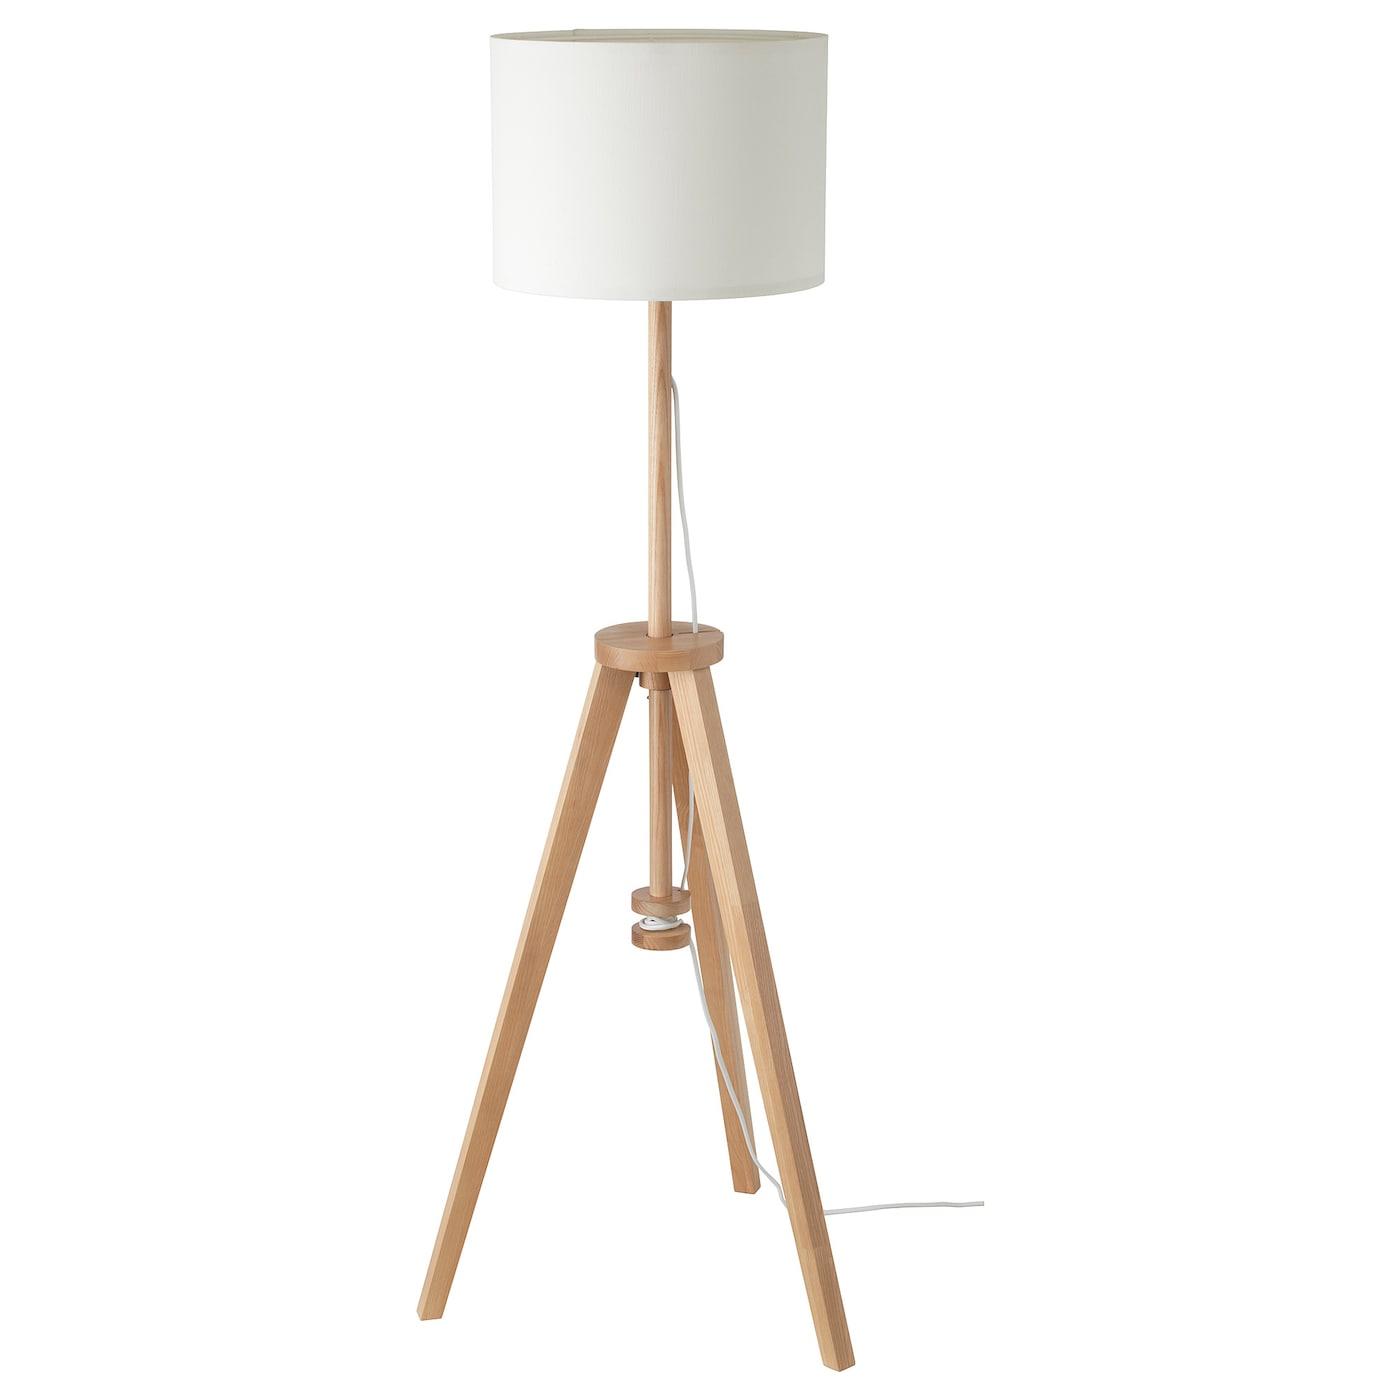 Full Size of Stehlampen Ikea Stehleuchte Stehlampe A Majorna Standleuchte In Wei Grau Küche Kosten Betten Bei Miniküche Wohnzimmer 160x200 Sofa Mit Schlaffunktion Wohnzimmer Stehlampen Ikea